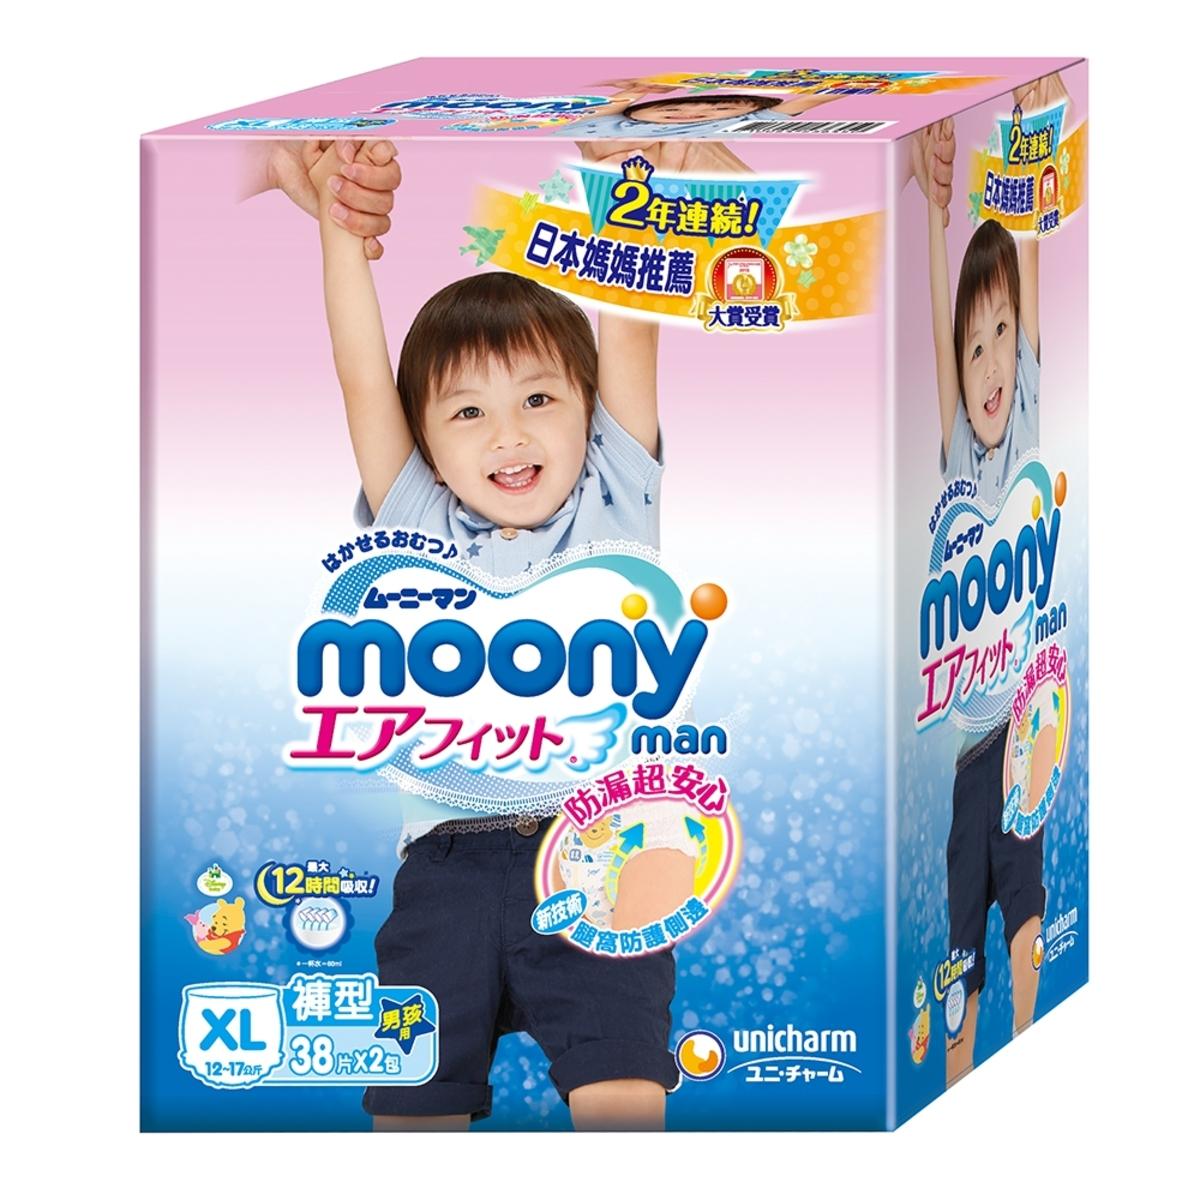 Moony 日本頂級版紙尿褲